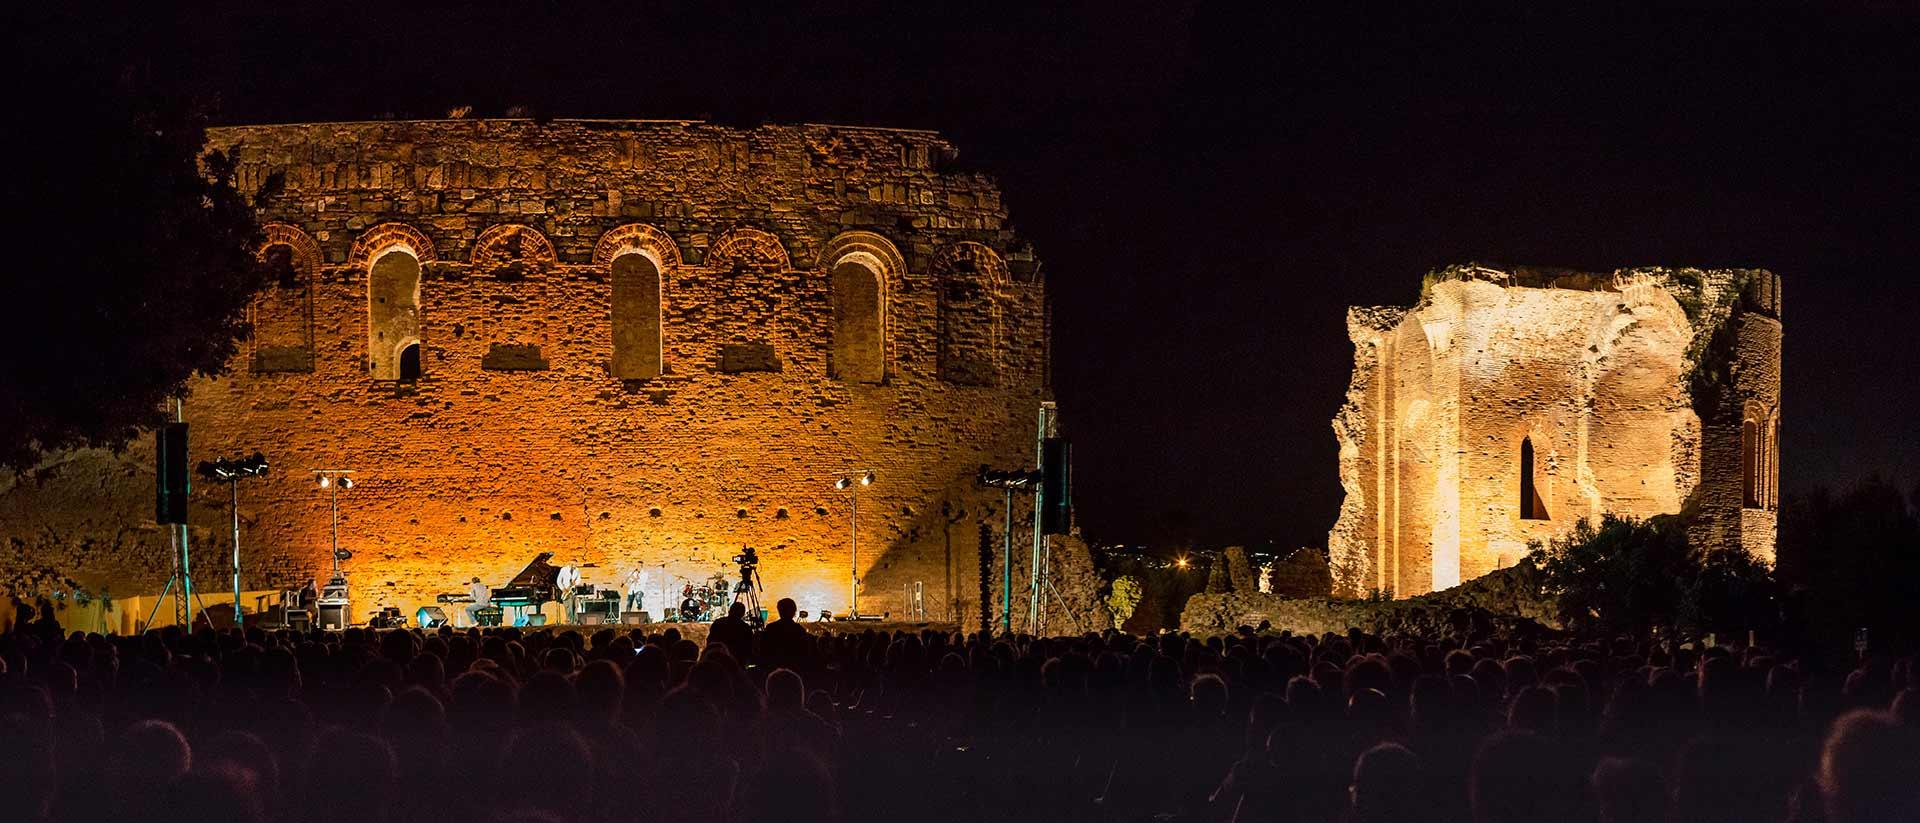 Armonie d'Arte Festival al Parco Archeologico Scolacium Roccelletta di Borgia, Catanzaro foto di Francesco Trapasso